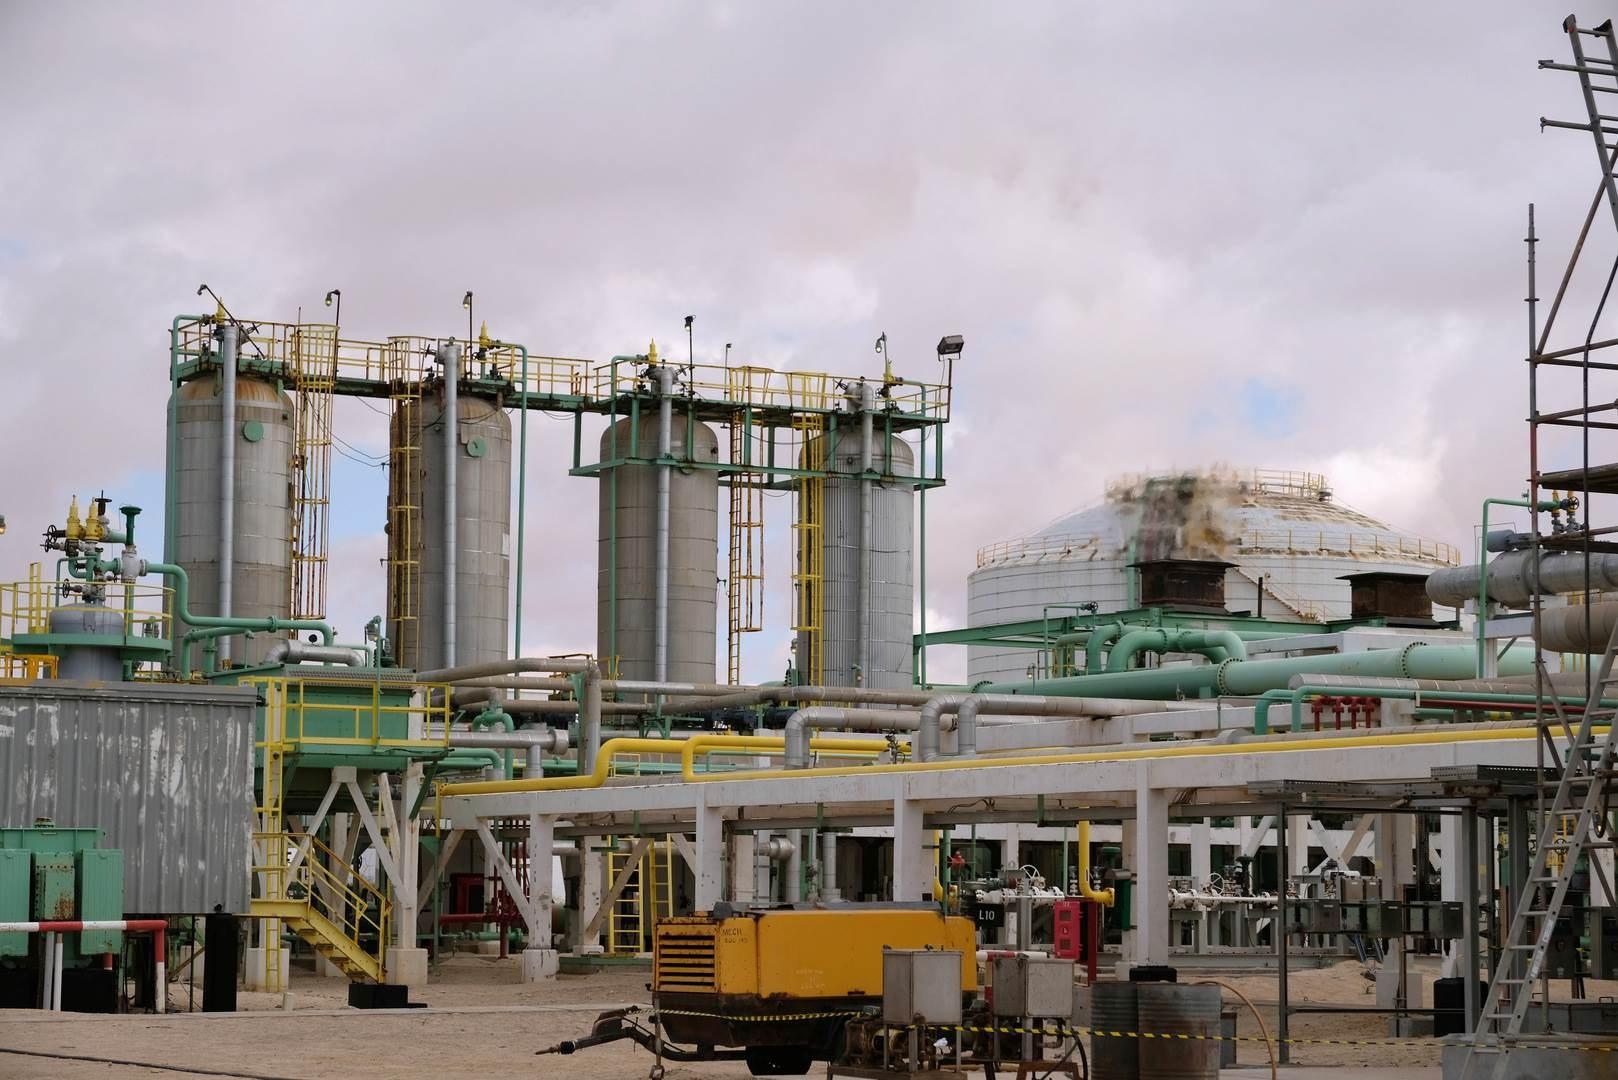 بلغت الخسائر الناجمة عن إغلاق الموانئ النفطية منذ 19 كانون الثاني/يناير الماضي، نحو 5 مليارات دولار